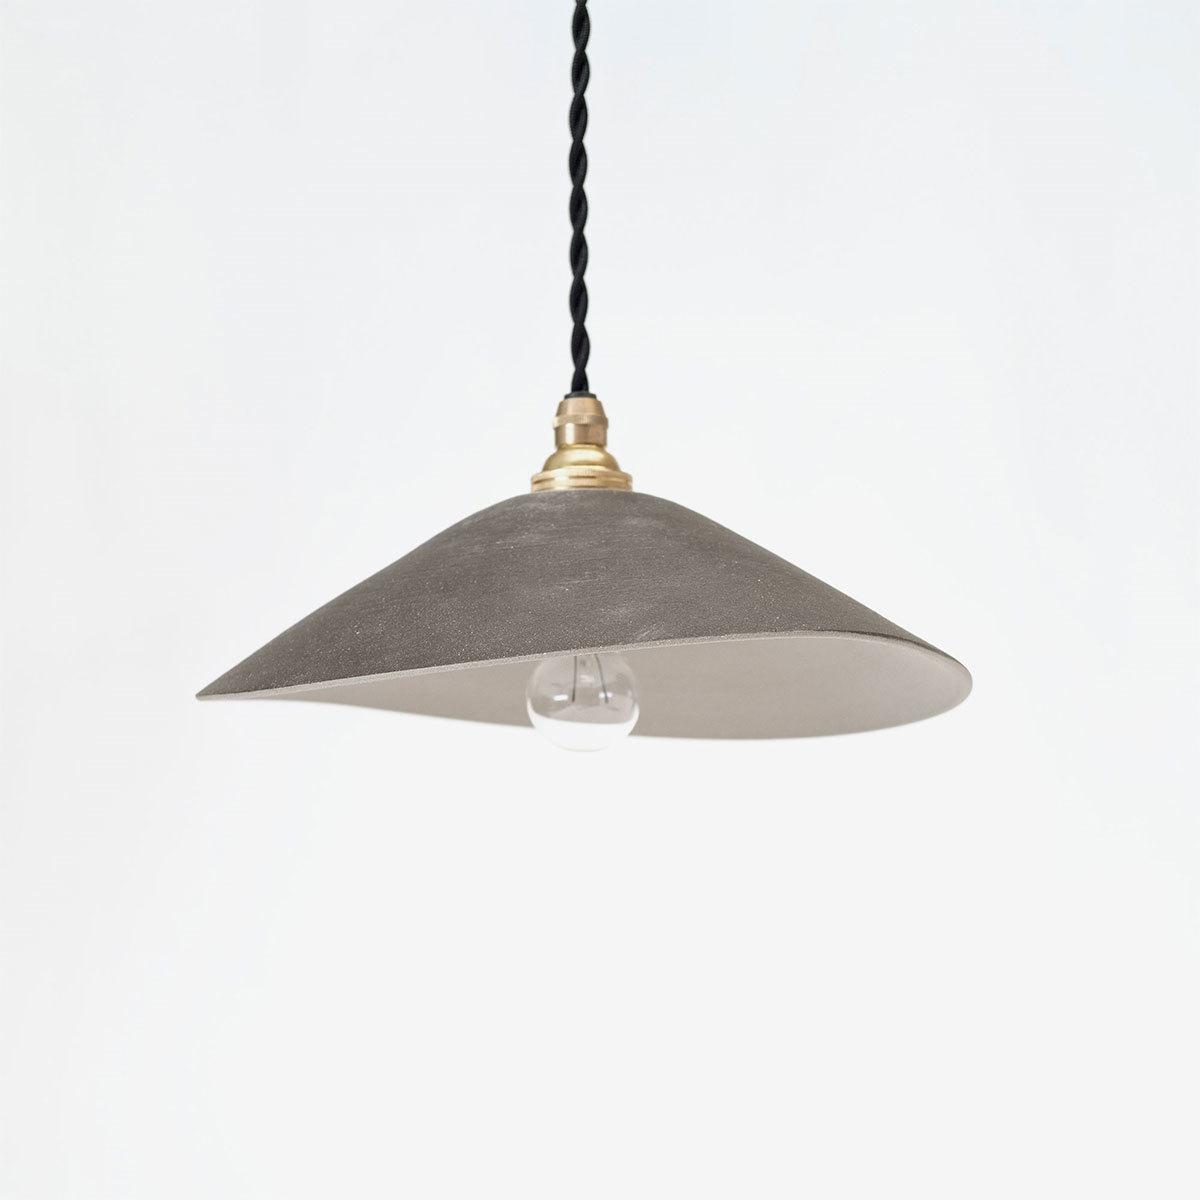 【最大2,000円OFFクーポン】【3RD CERAMICS】Lamp Shade Black照明 ペンダントライト ペンダントランプランプ 灯り 陶器 陶磁器 ブラック